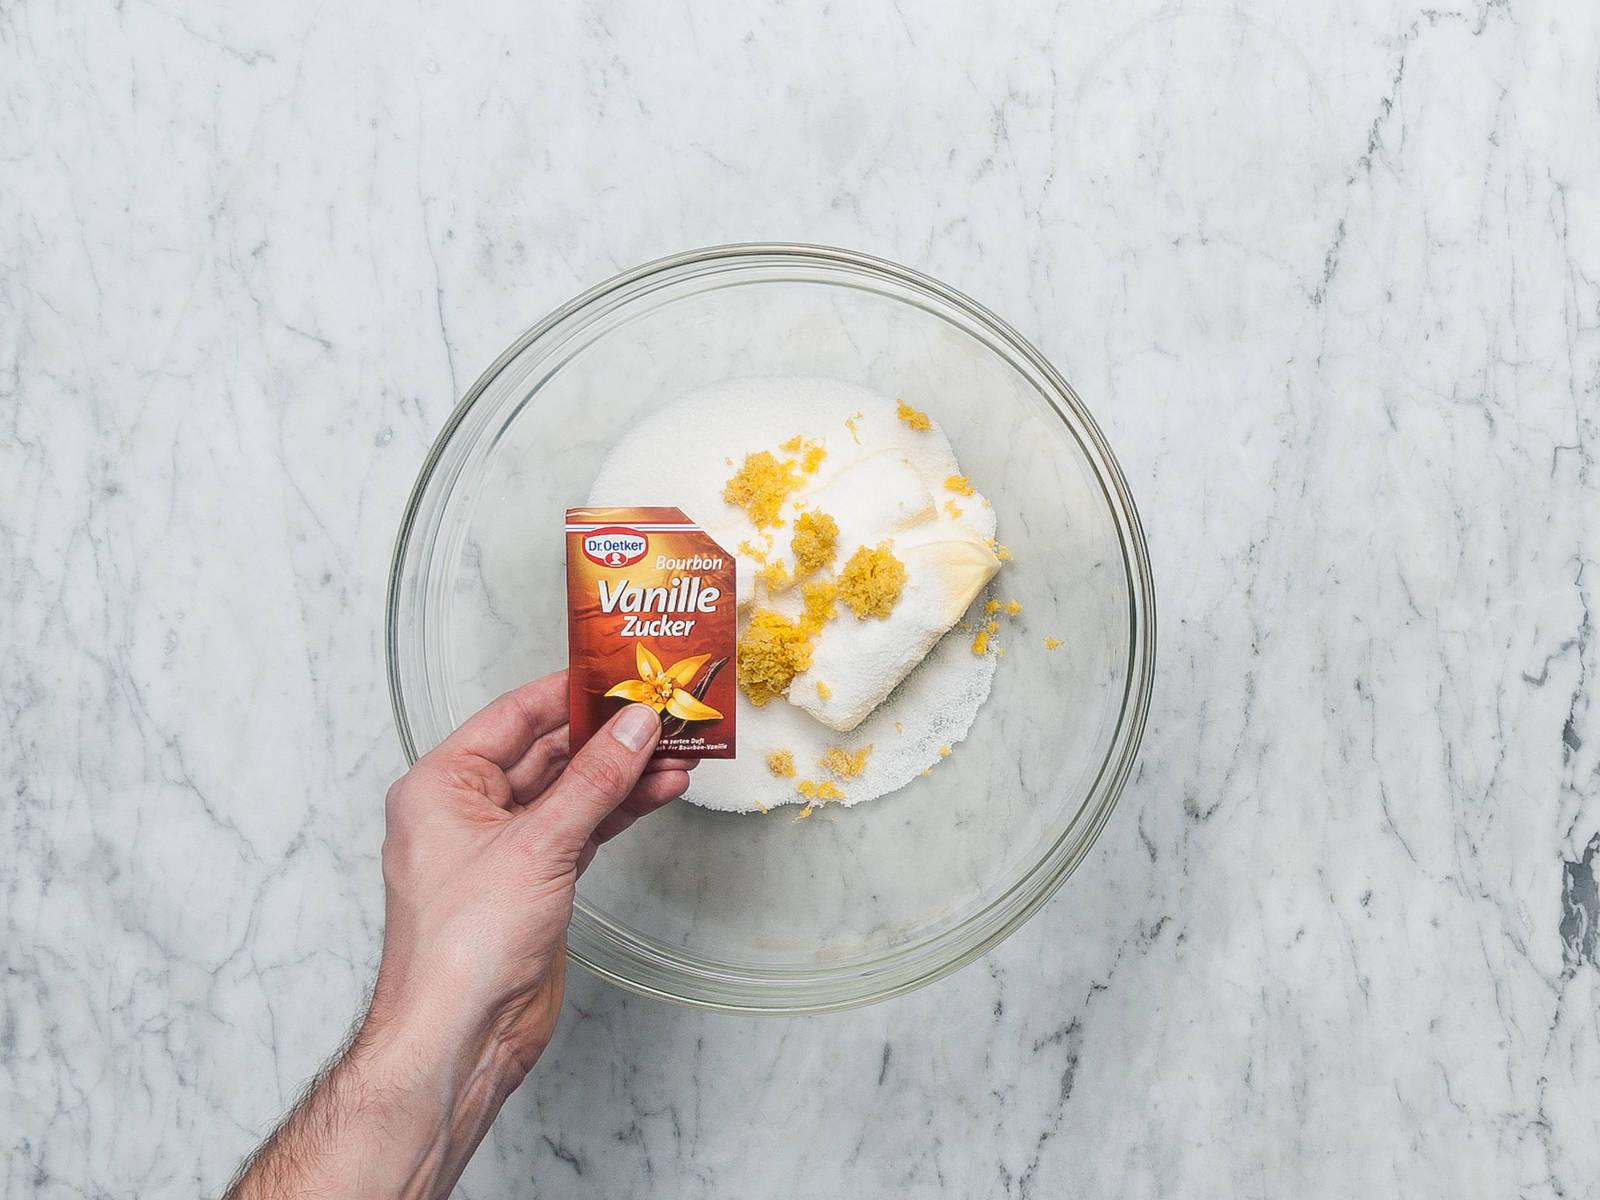 将黄油、糖、柠檬皮碎和香草糖搅打至顺滑。打入鸡蛋,一次一颗,搅拌均匀后再打入另一颗。加入半份面粉,搅拌均匀,然后倒入牛奶混合物和剩余的面粉。搅拌至完全混合。